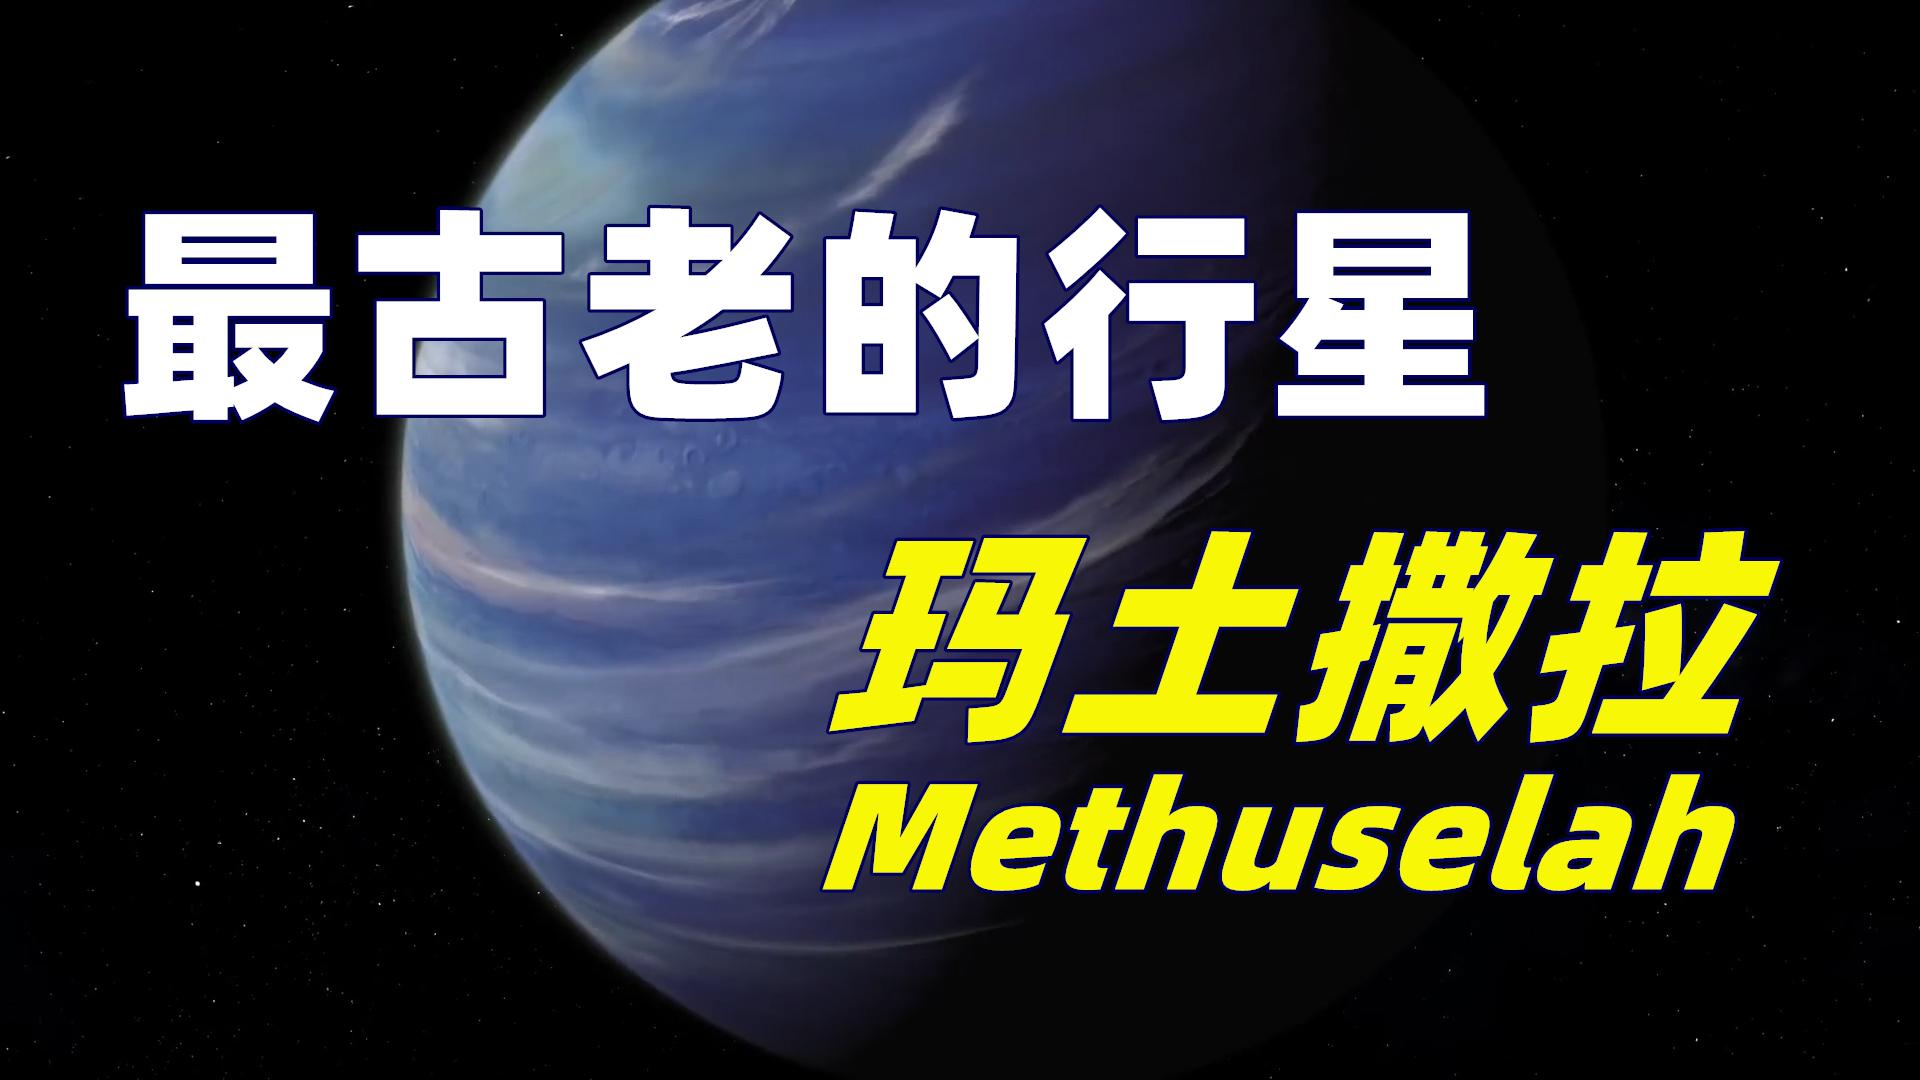 127亿岁!目前已知最古老的行星-玛土撒拉(Methuselah)